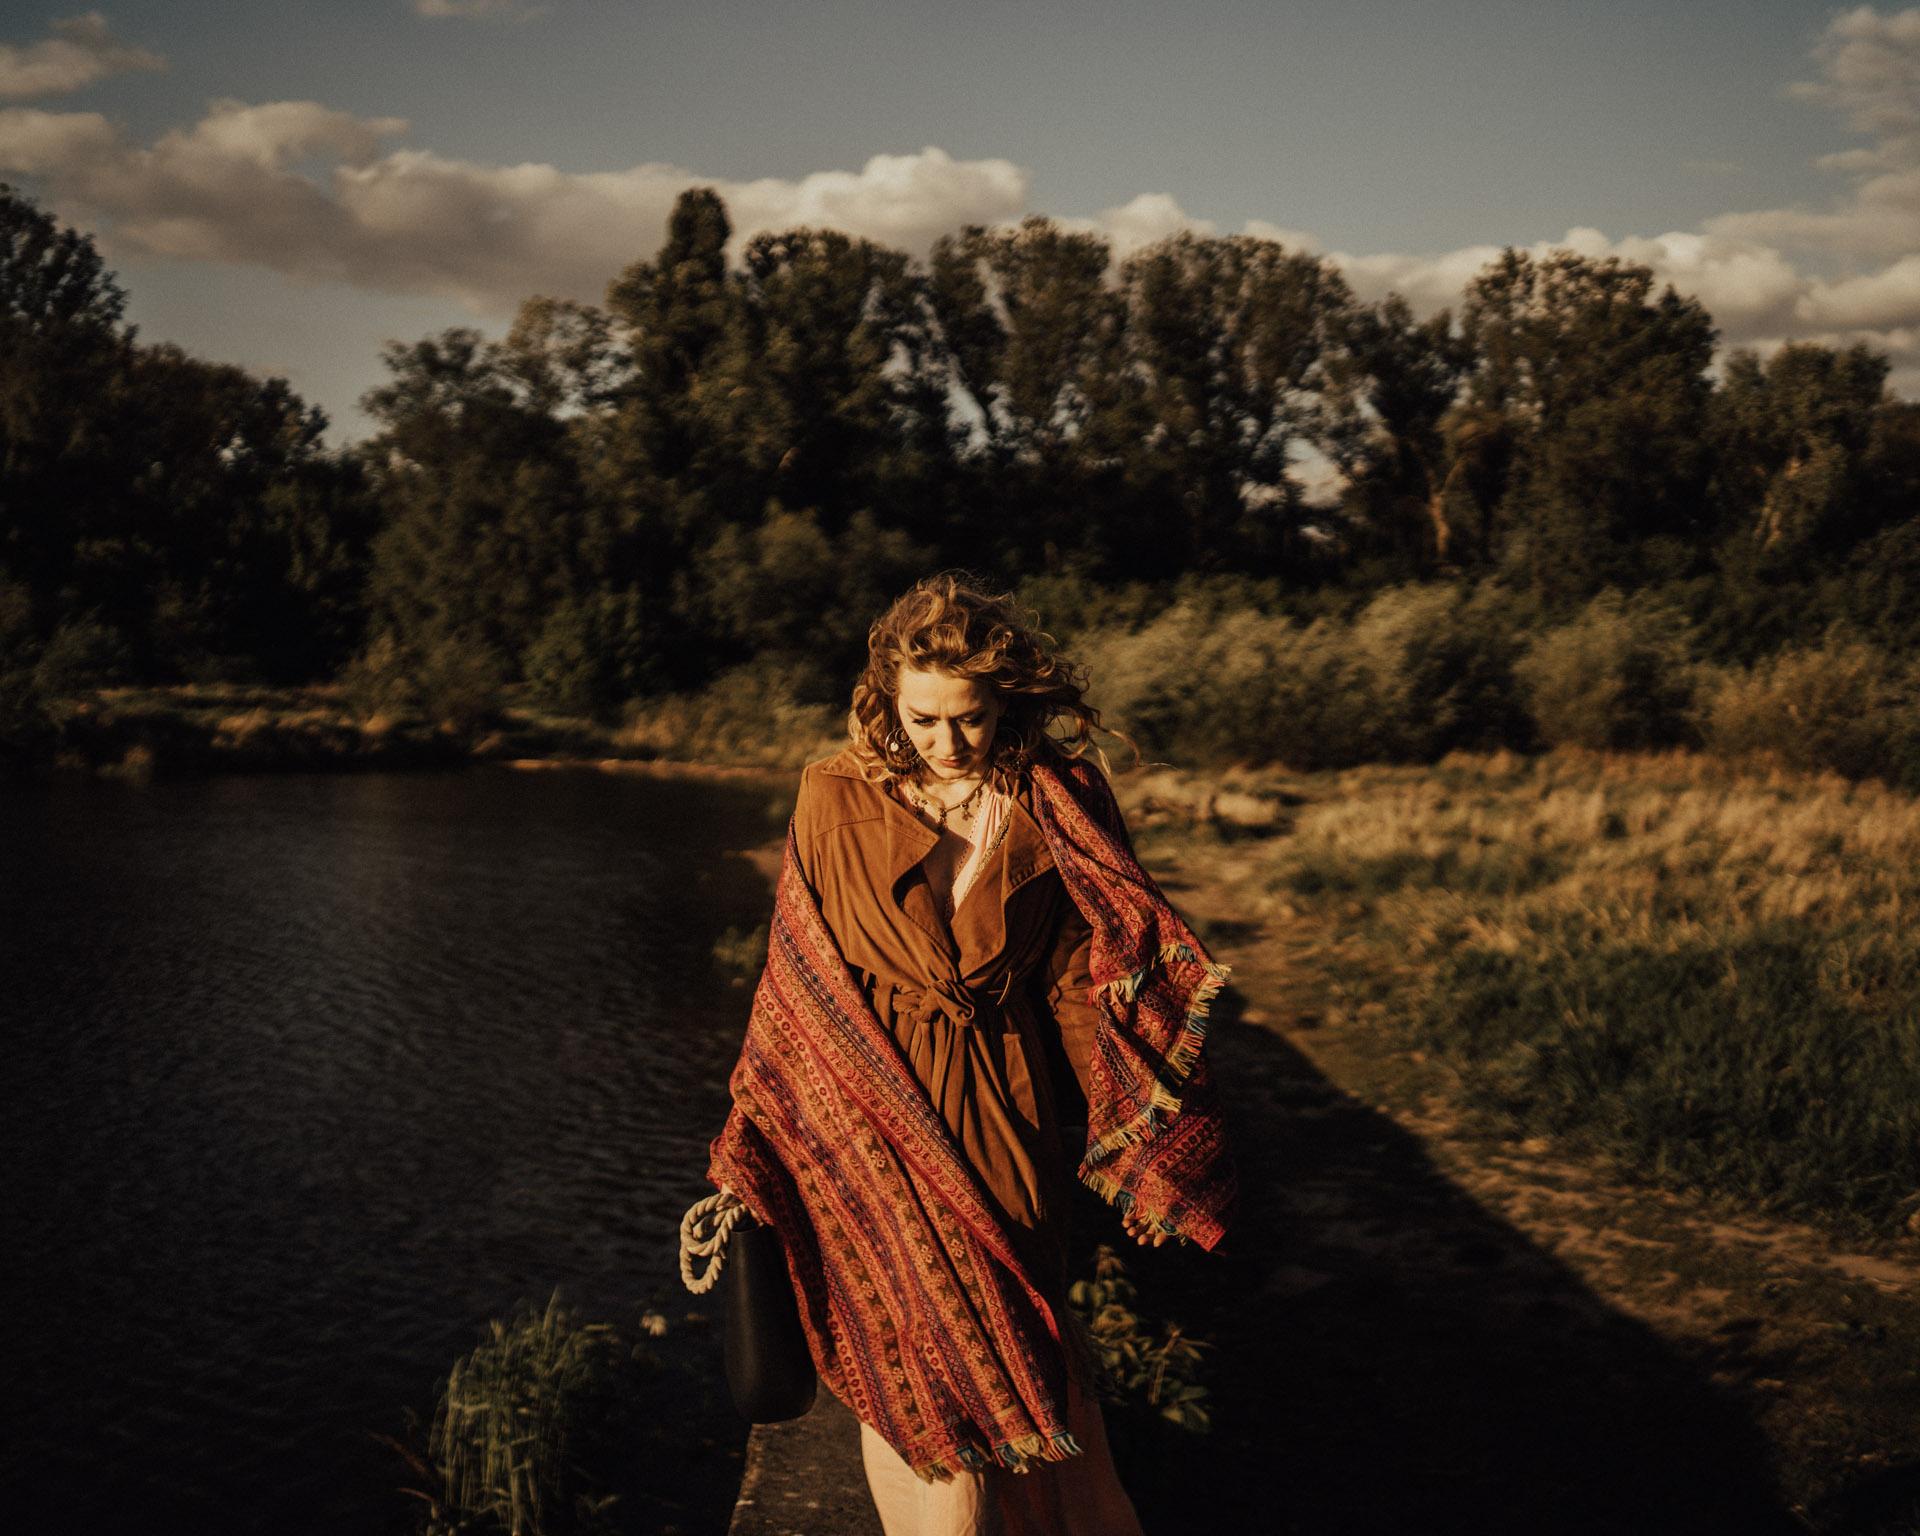 sesja fotograficzna w stylu boho modelka szal brązy romantyczna sytuacja